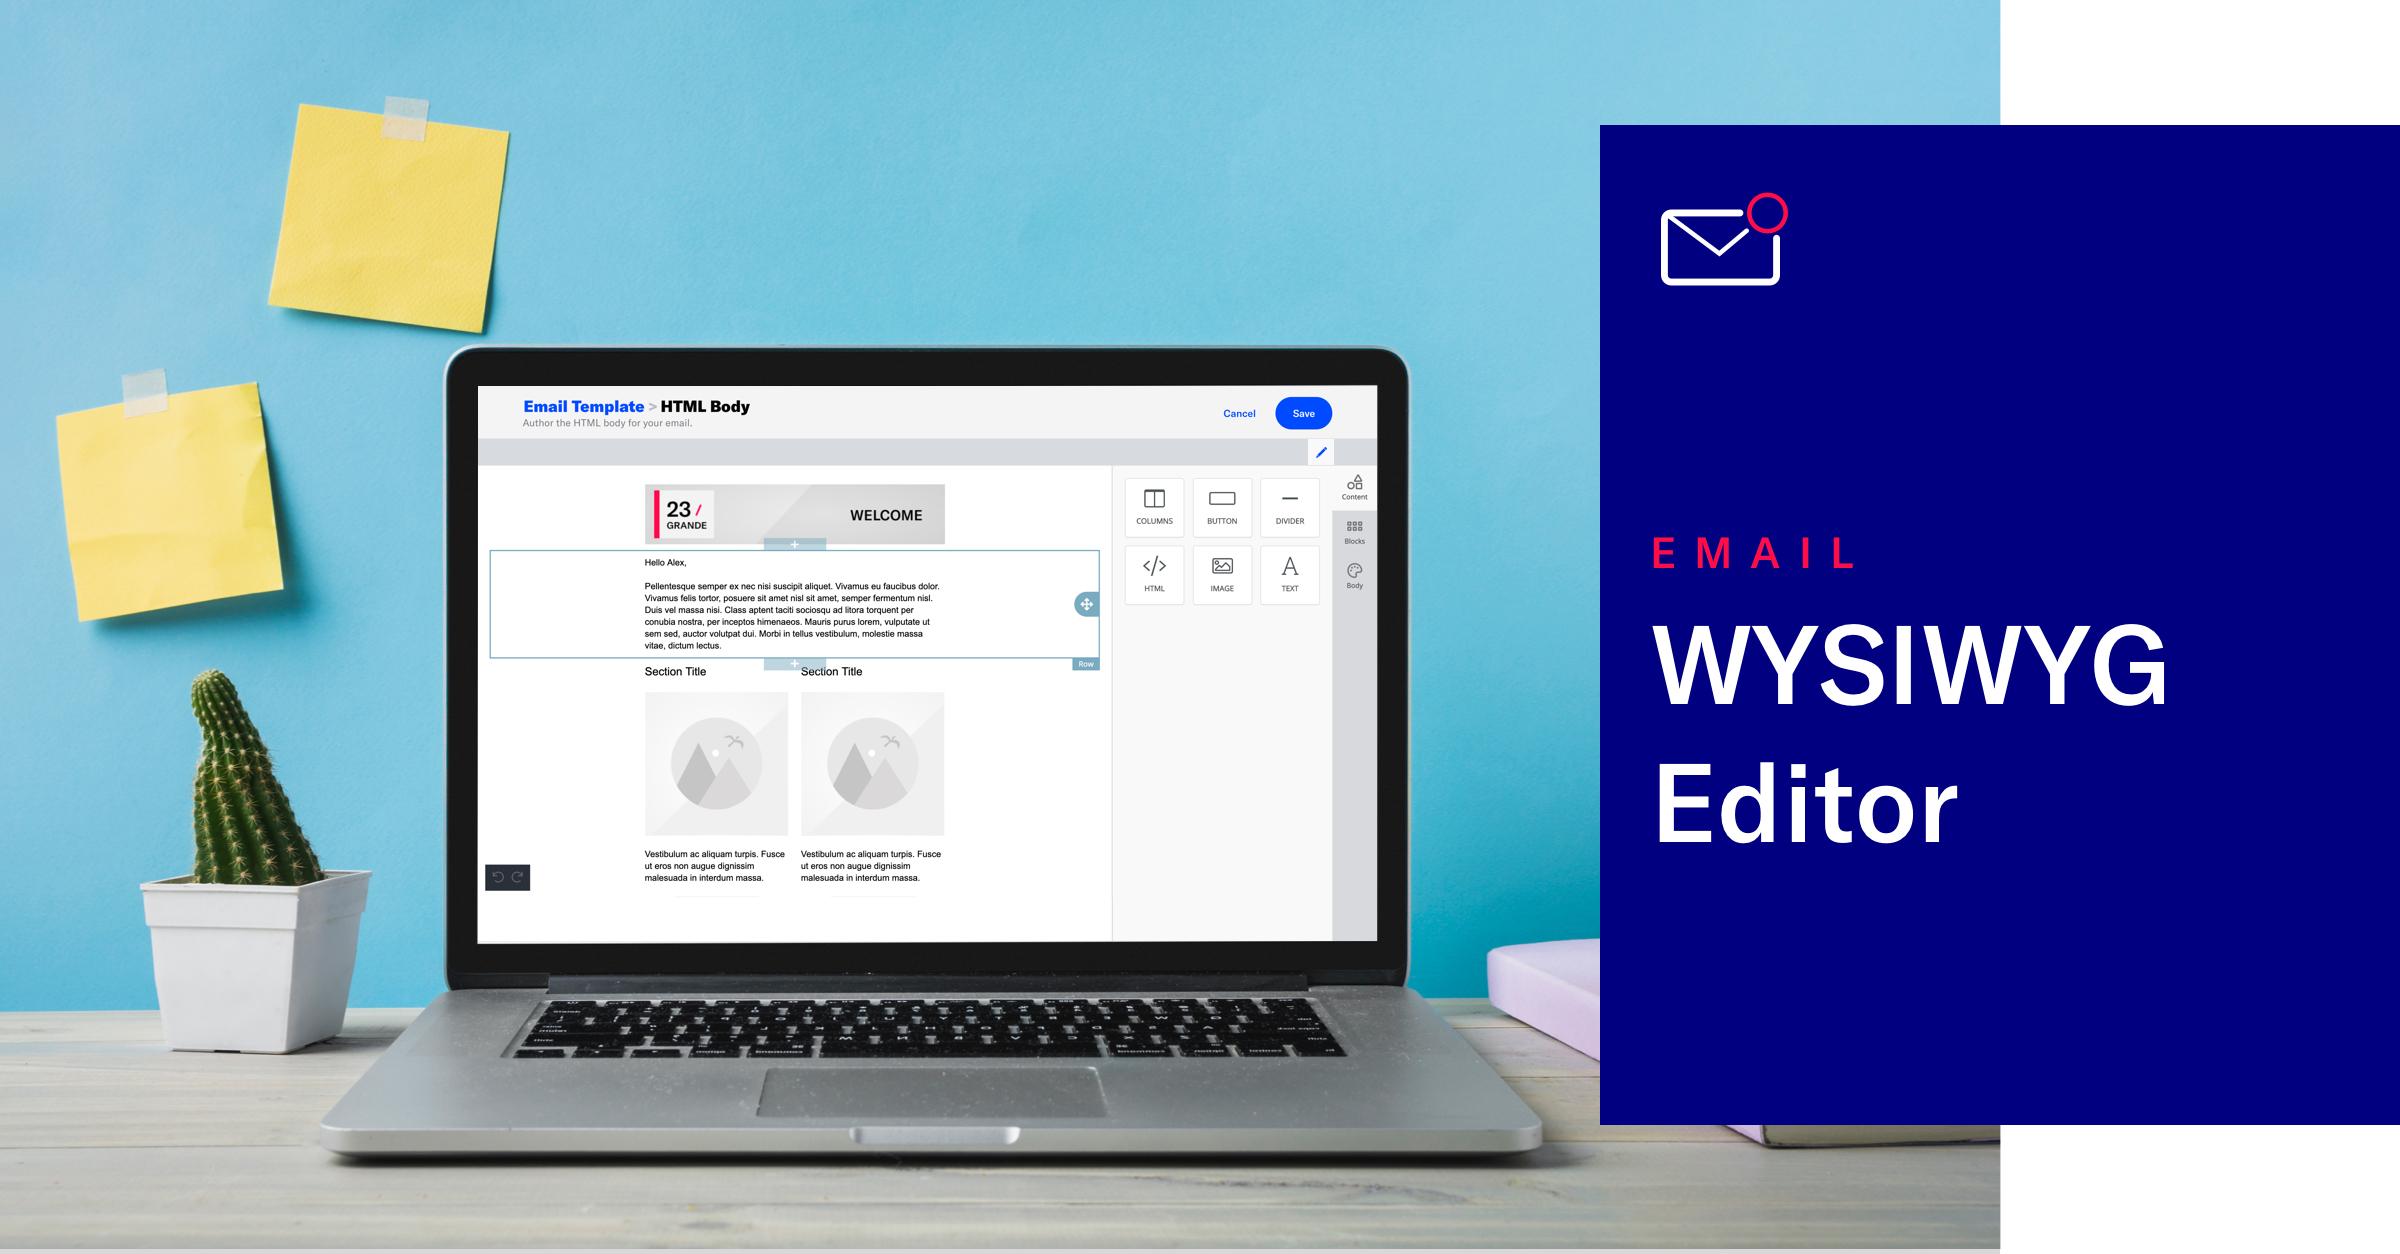 Email Template WYSIWYG Editor